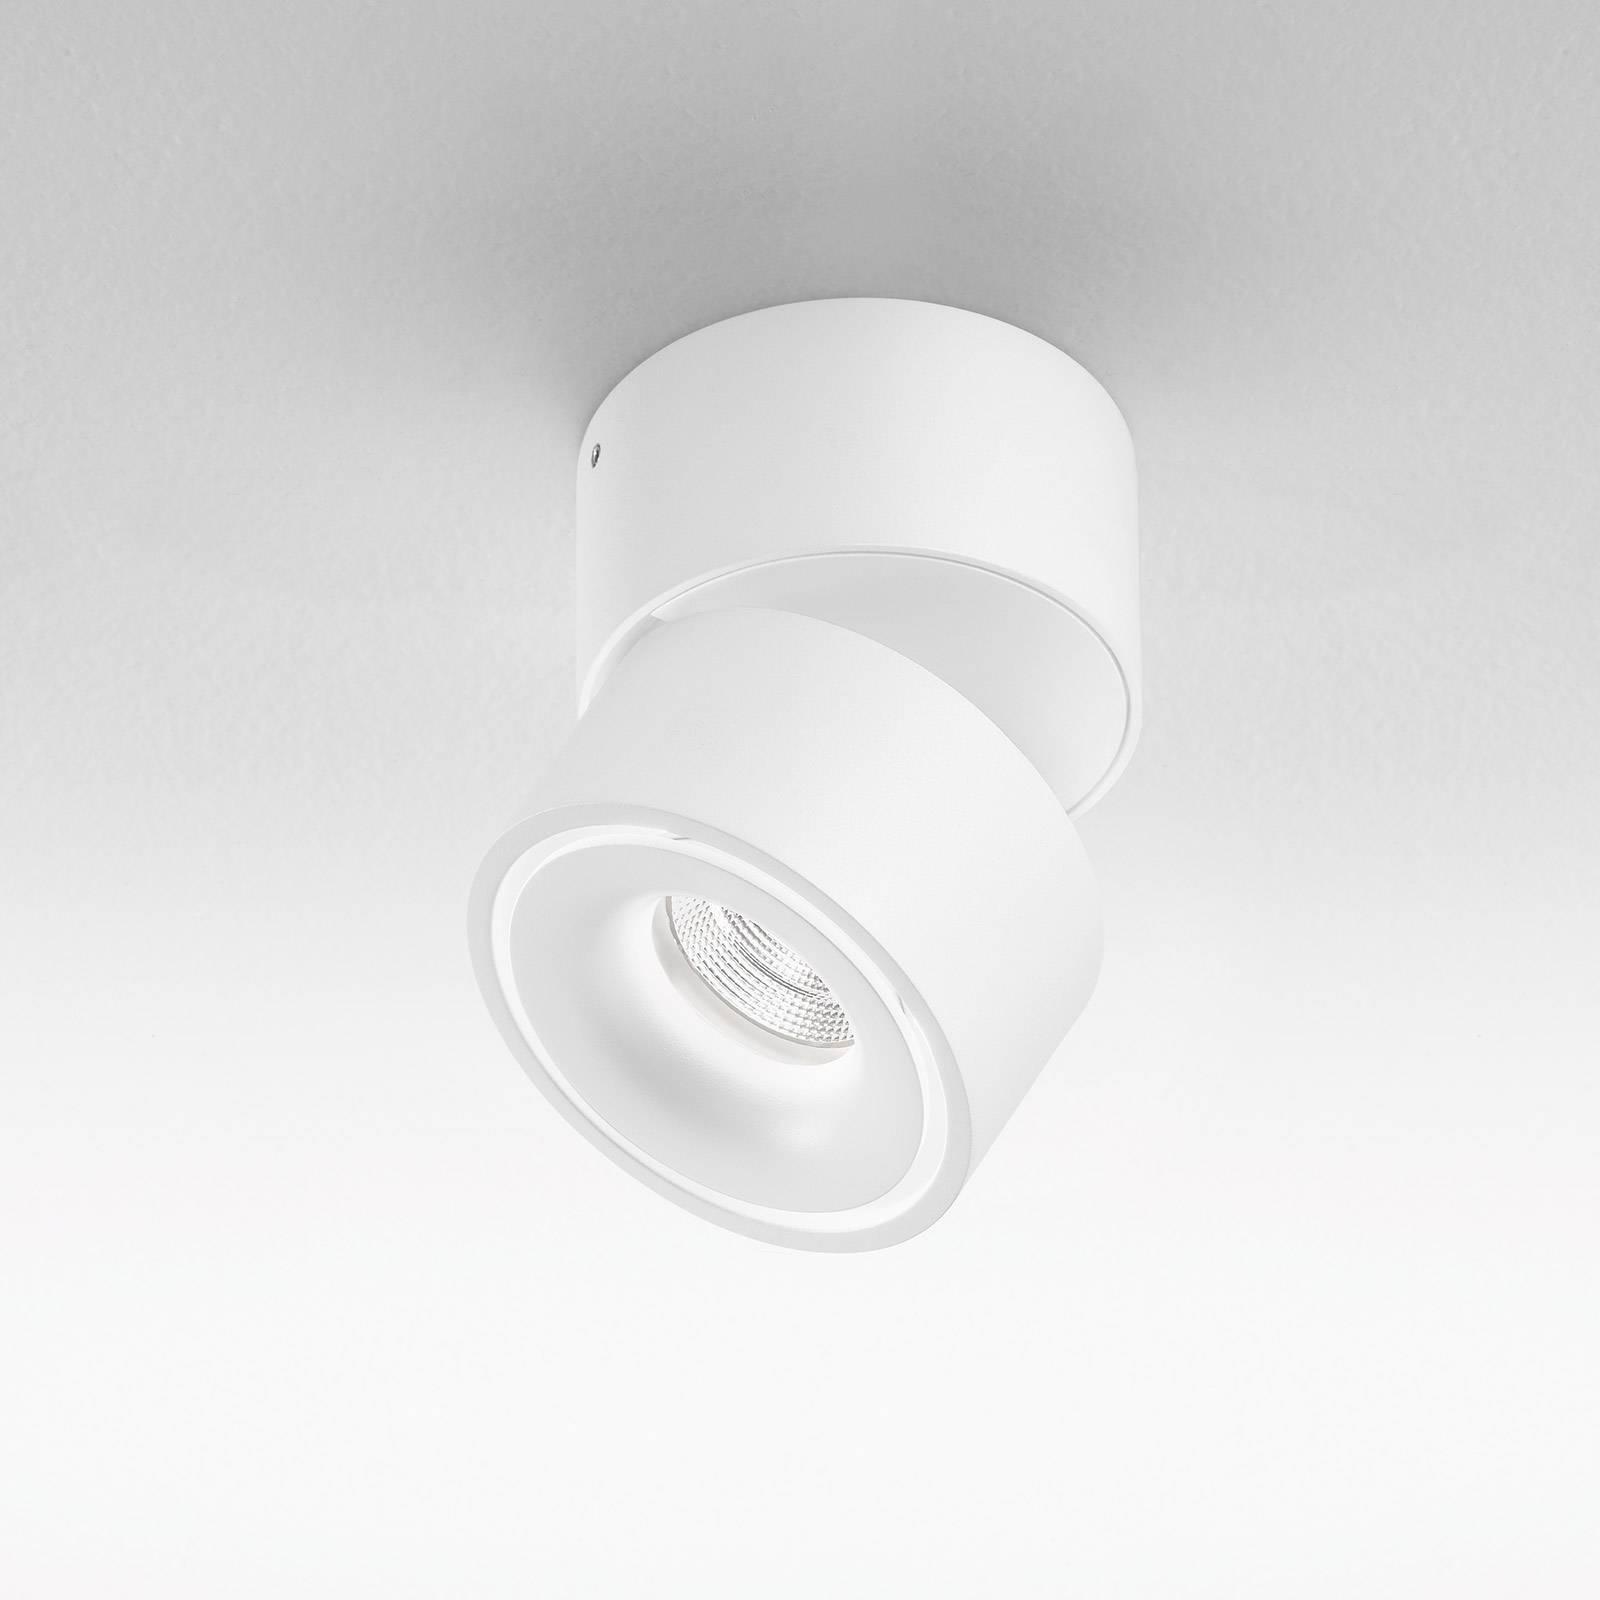 Egger Clippo-LED-kiskospotti dim-to-warm valkoinen